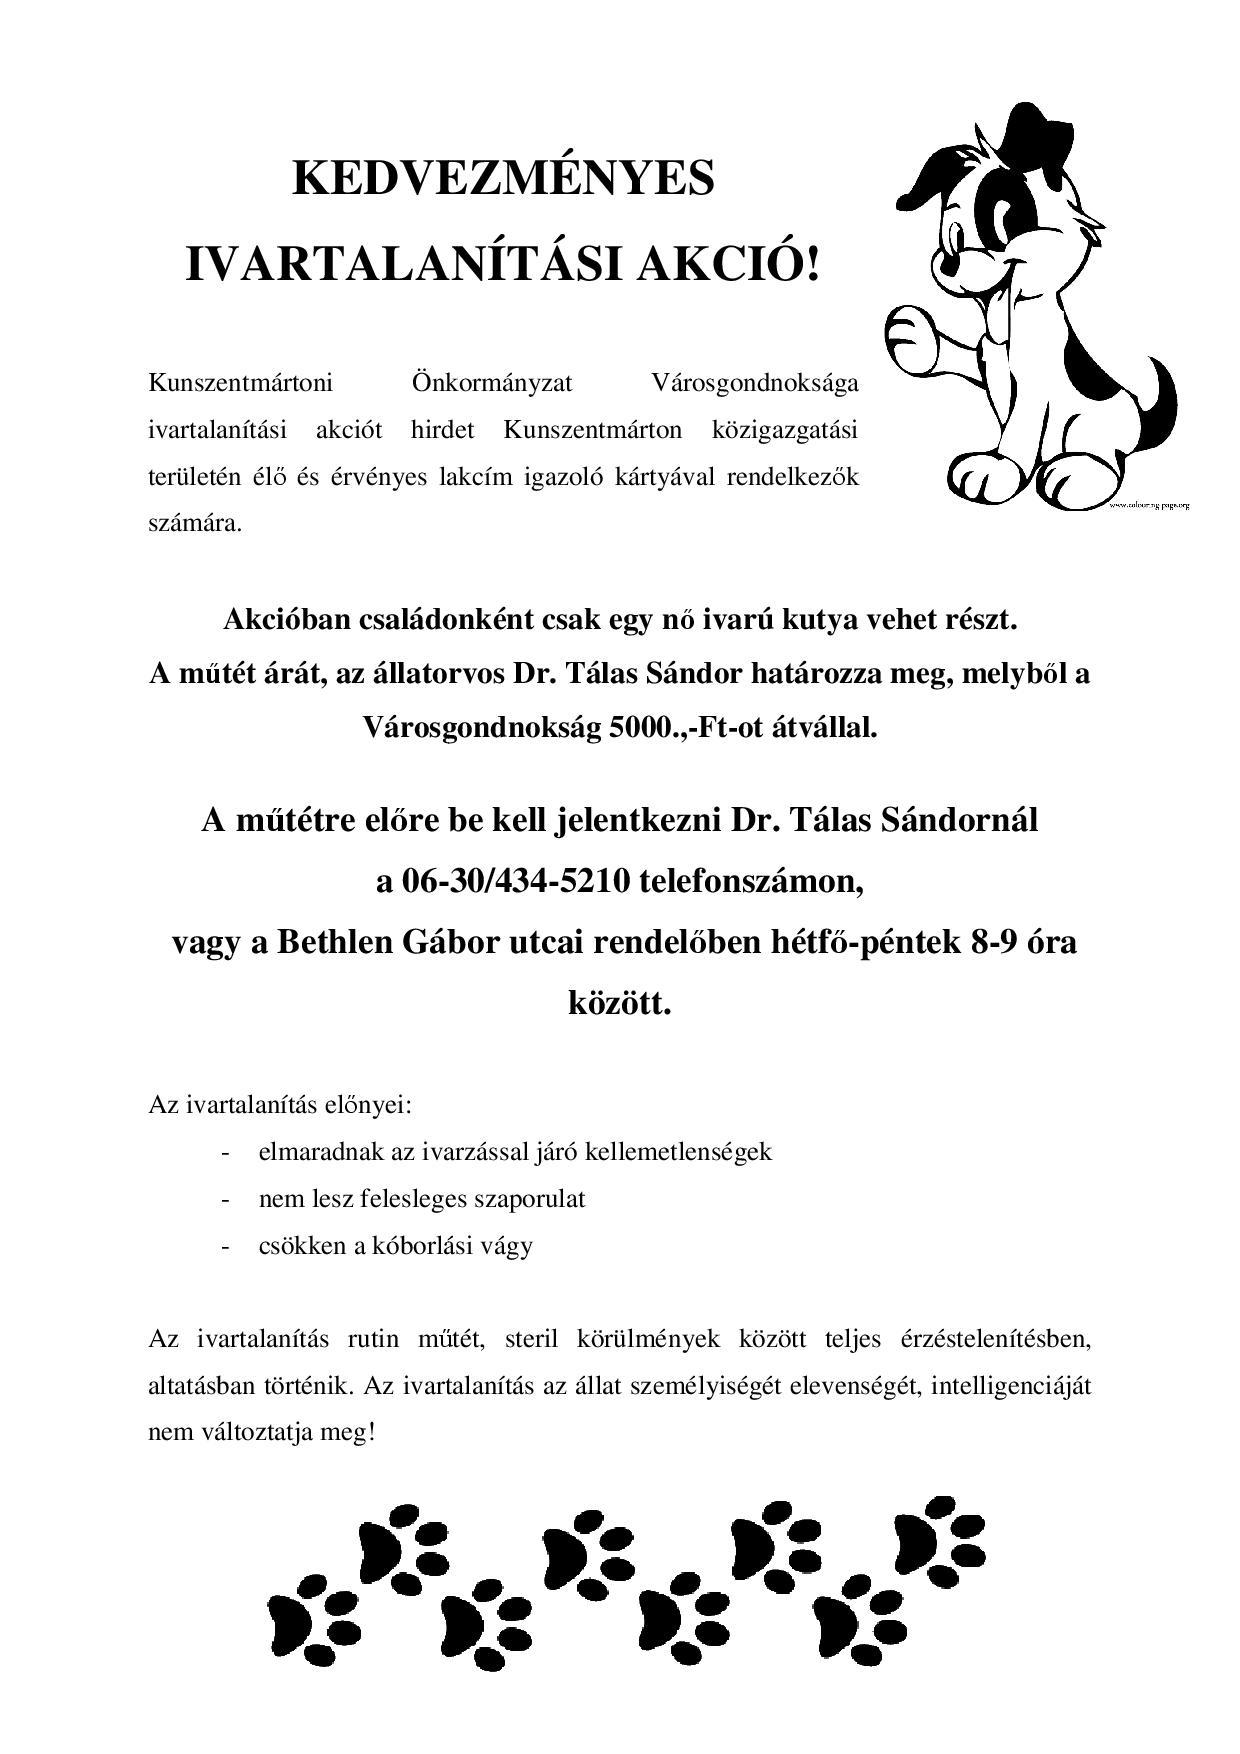 Ivartalanítási akció - kedvezmenyes_plakat-001